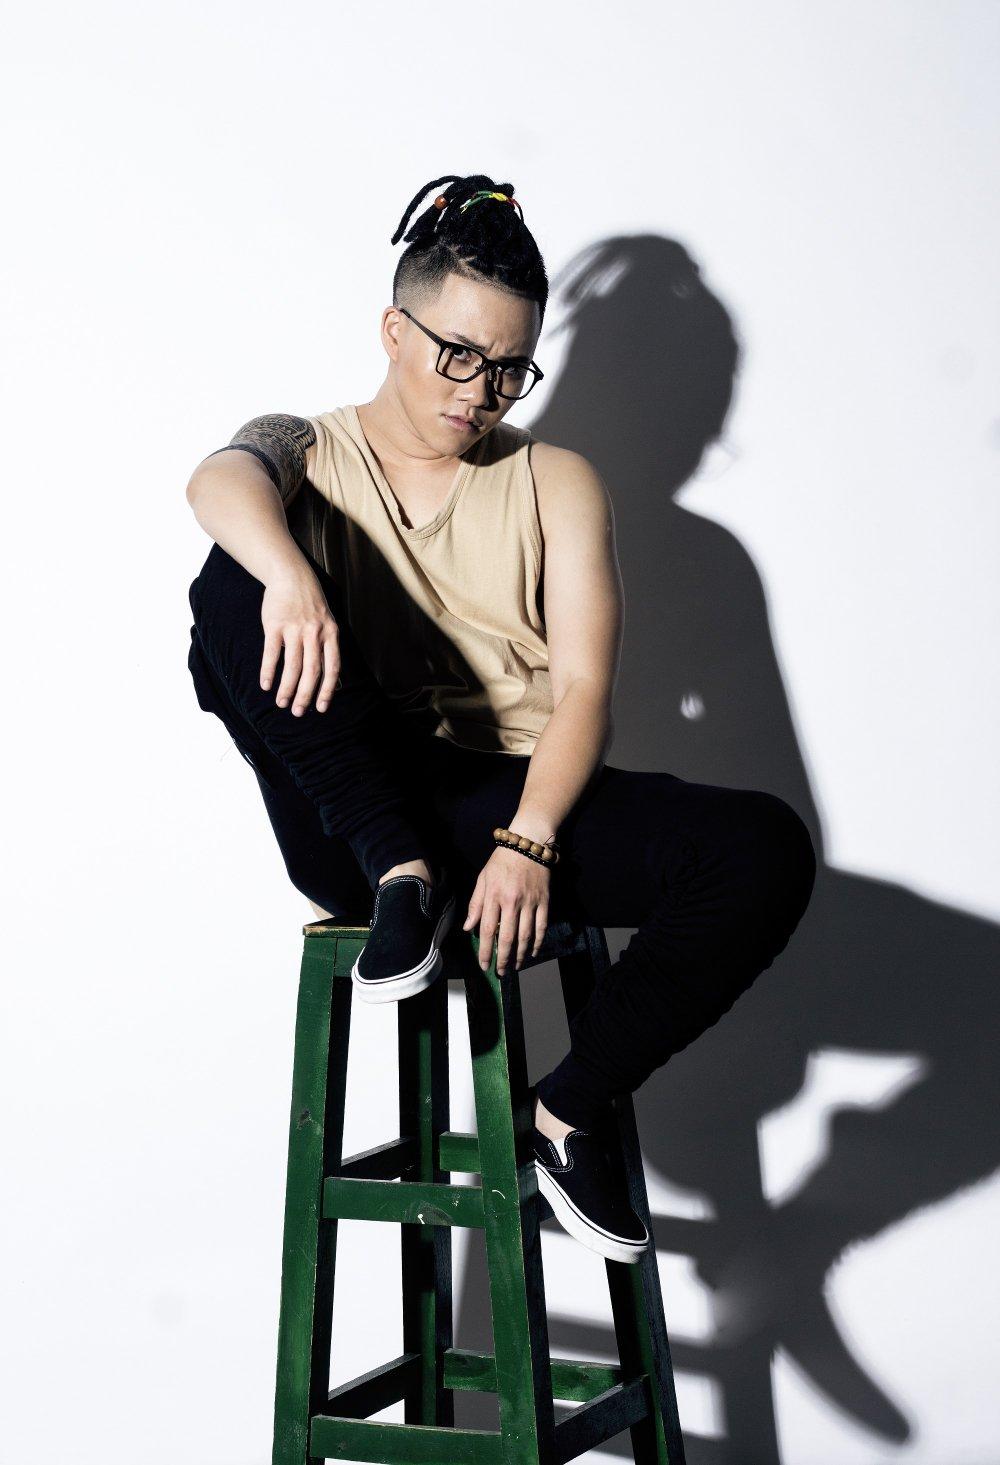 Le Thien Hieu 'Ong ba anh' 'lot xac', gay choang vang vi phong cach khac la hinh anh 4